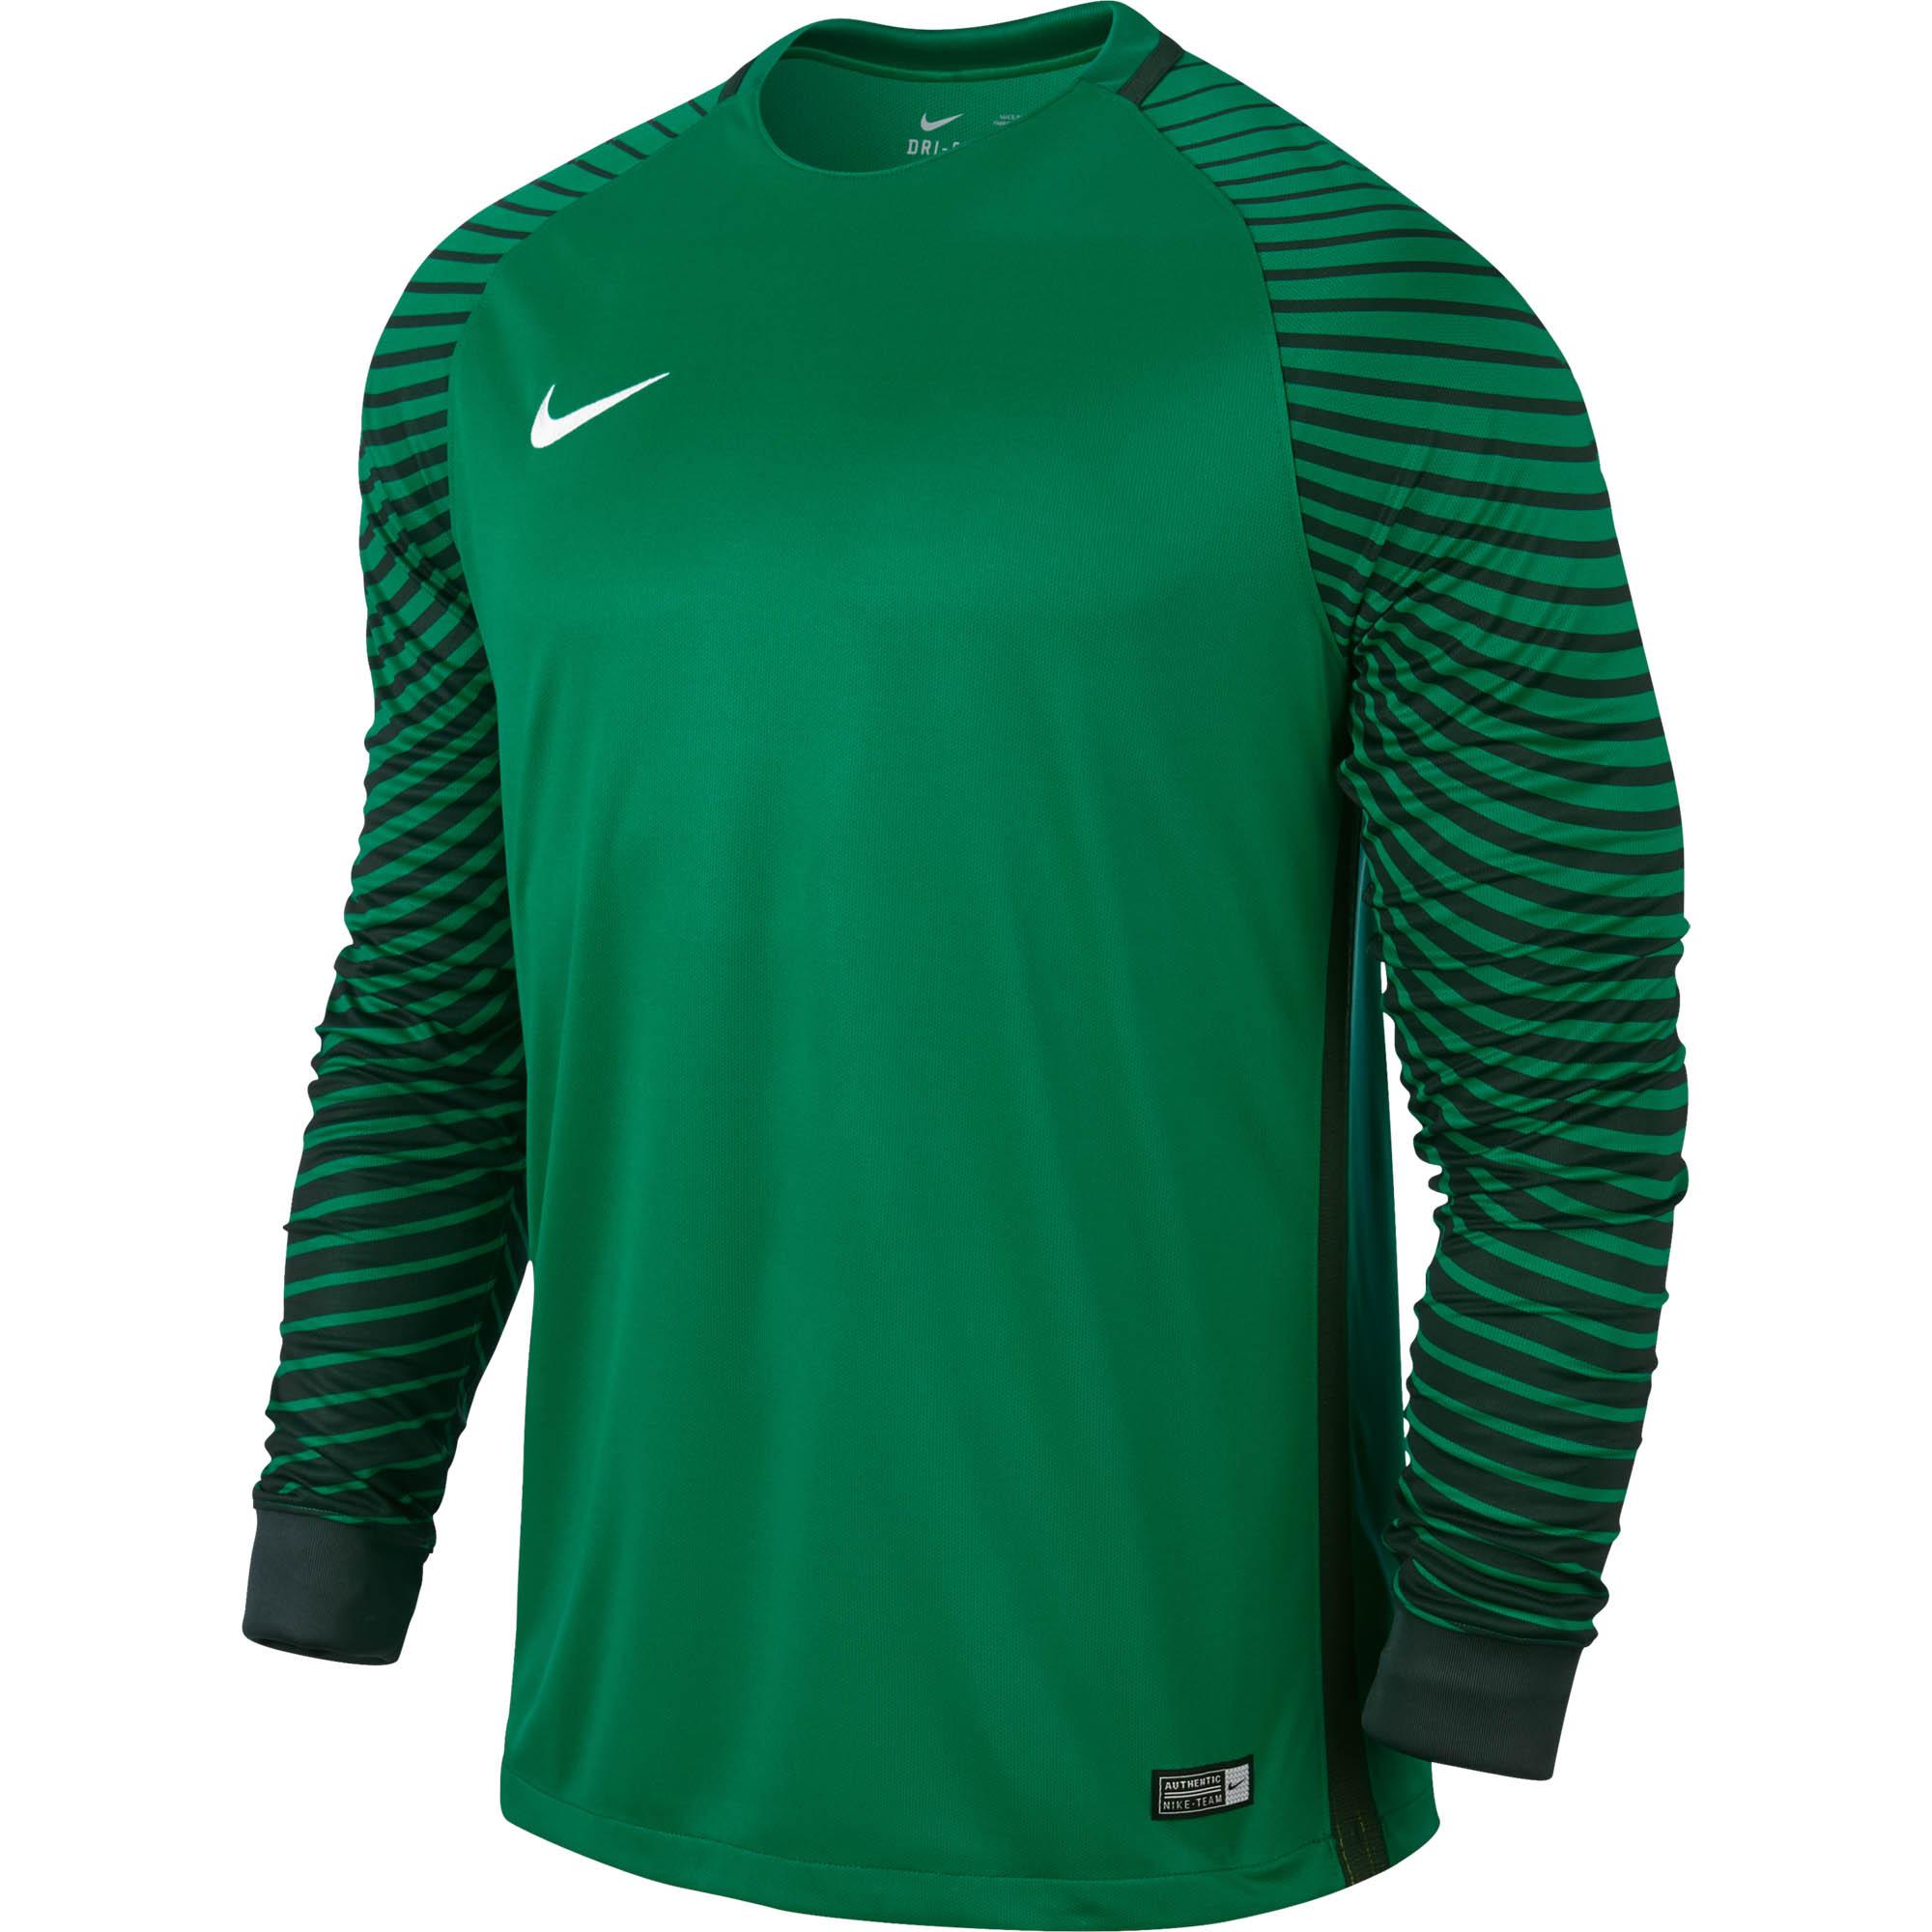 Nike Gardien Goalie Jersey - Green Goalkeeper Jerseys